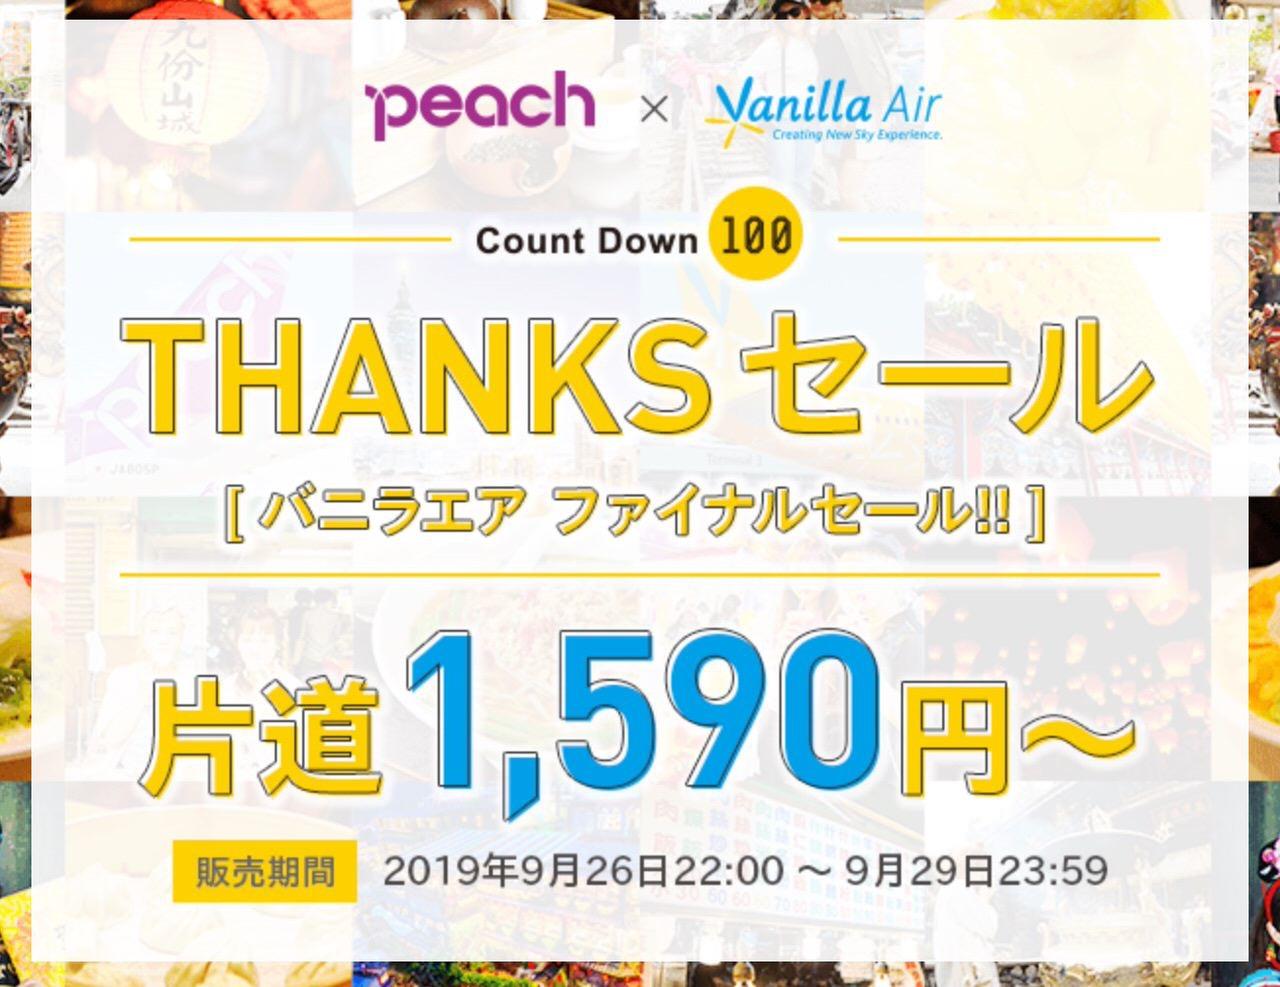 【ピーチ x バニラ】1,590円から「THANKSセール バニラエア ファイナルセール!!」(9/29まで)